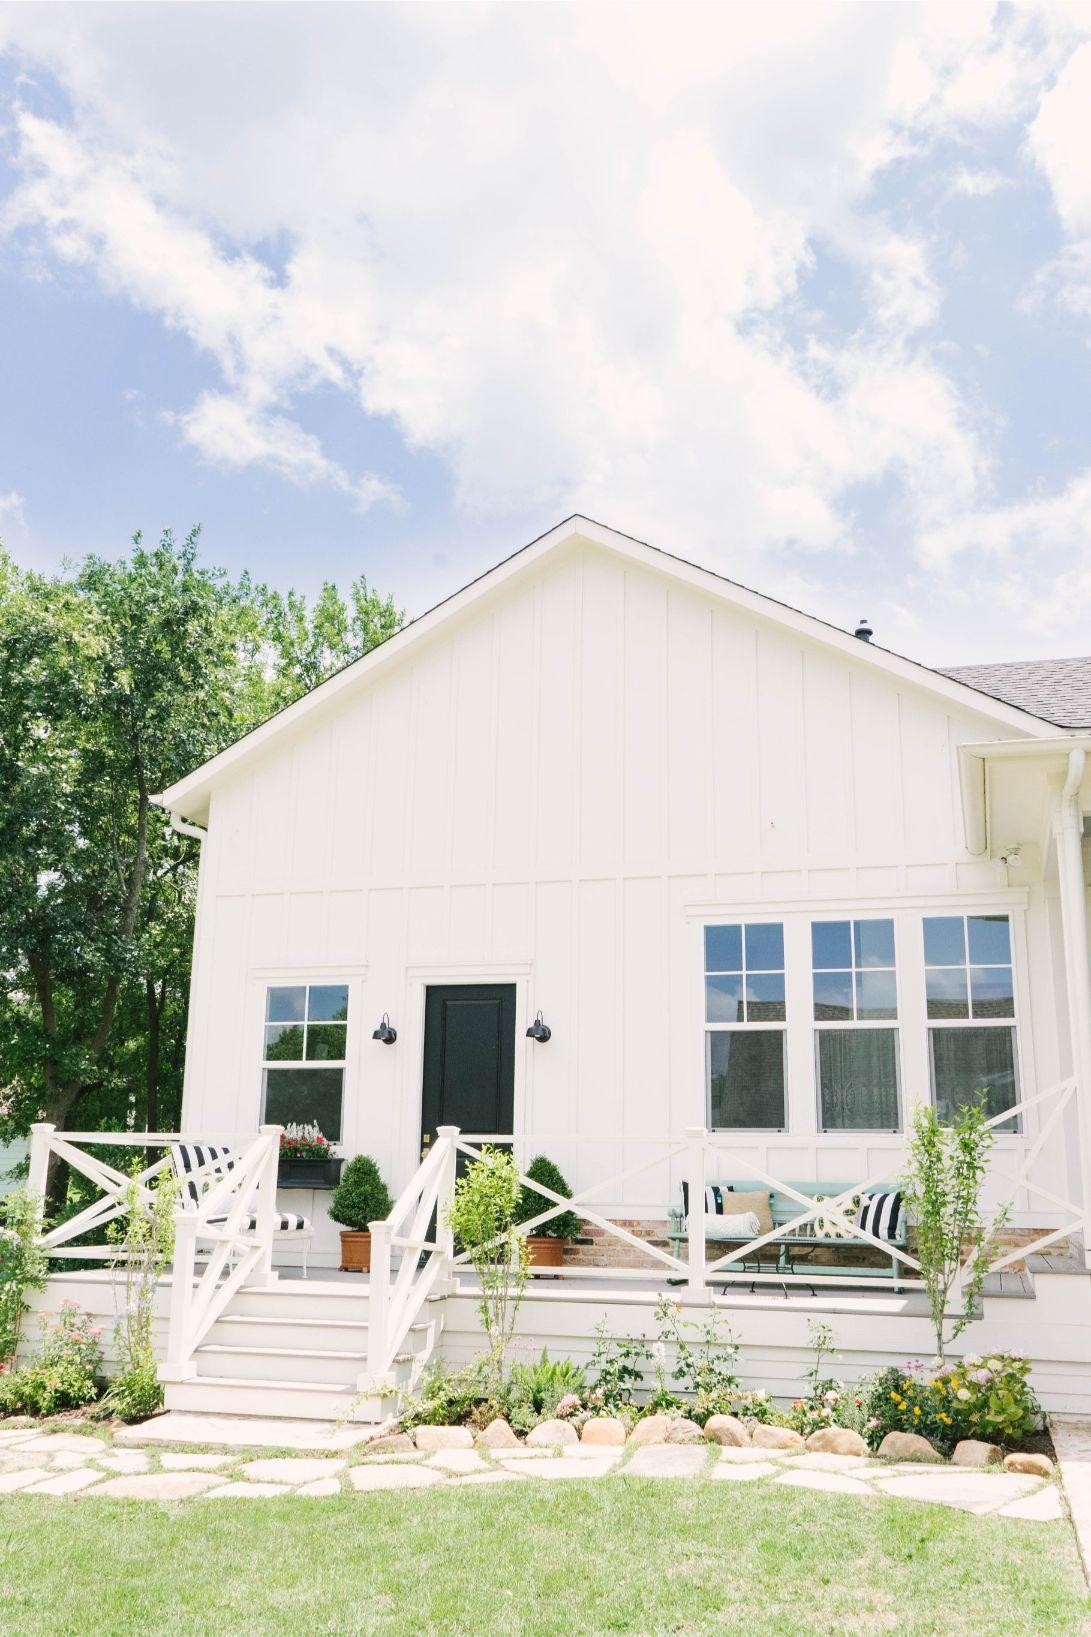 Modern Farmhouse Exterior - Dover White Sherwin WIlliams